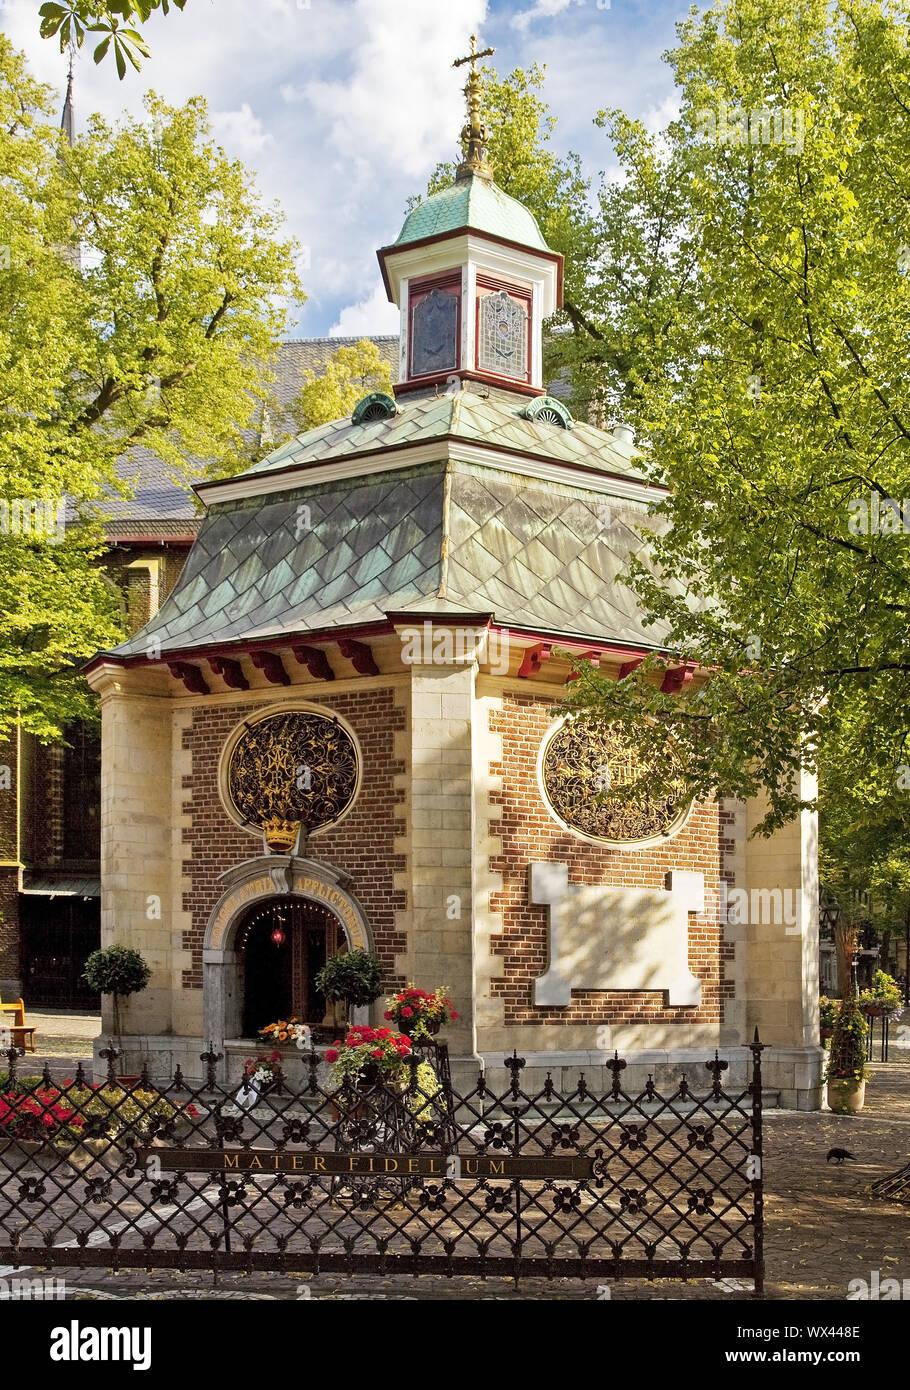 Chapelle de Grâce, lieu de pèlerinage, Kevelaer, Bas-rhin, Nordrhein-Westfalen, Germany, Europe Banque D'Images